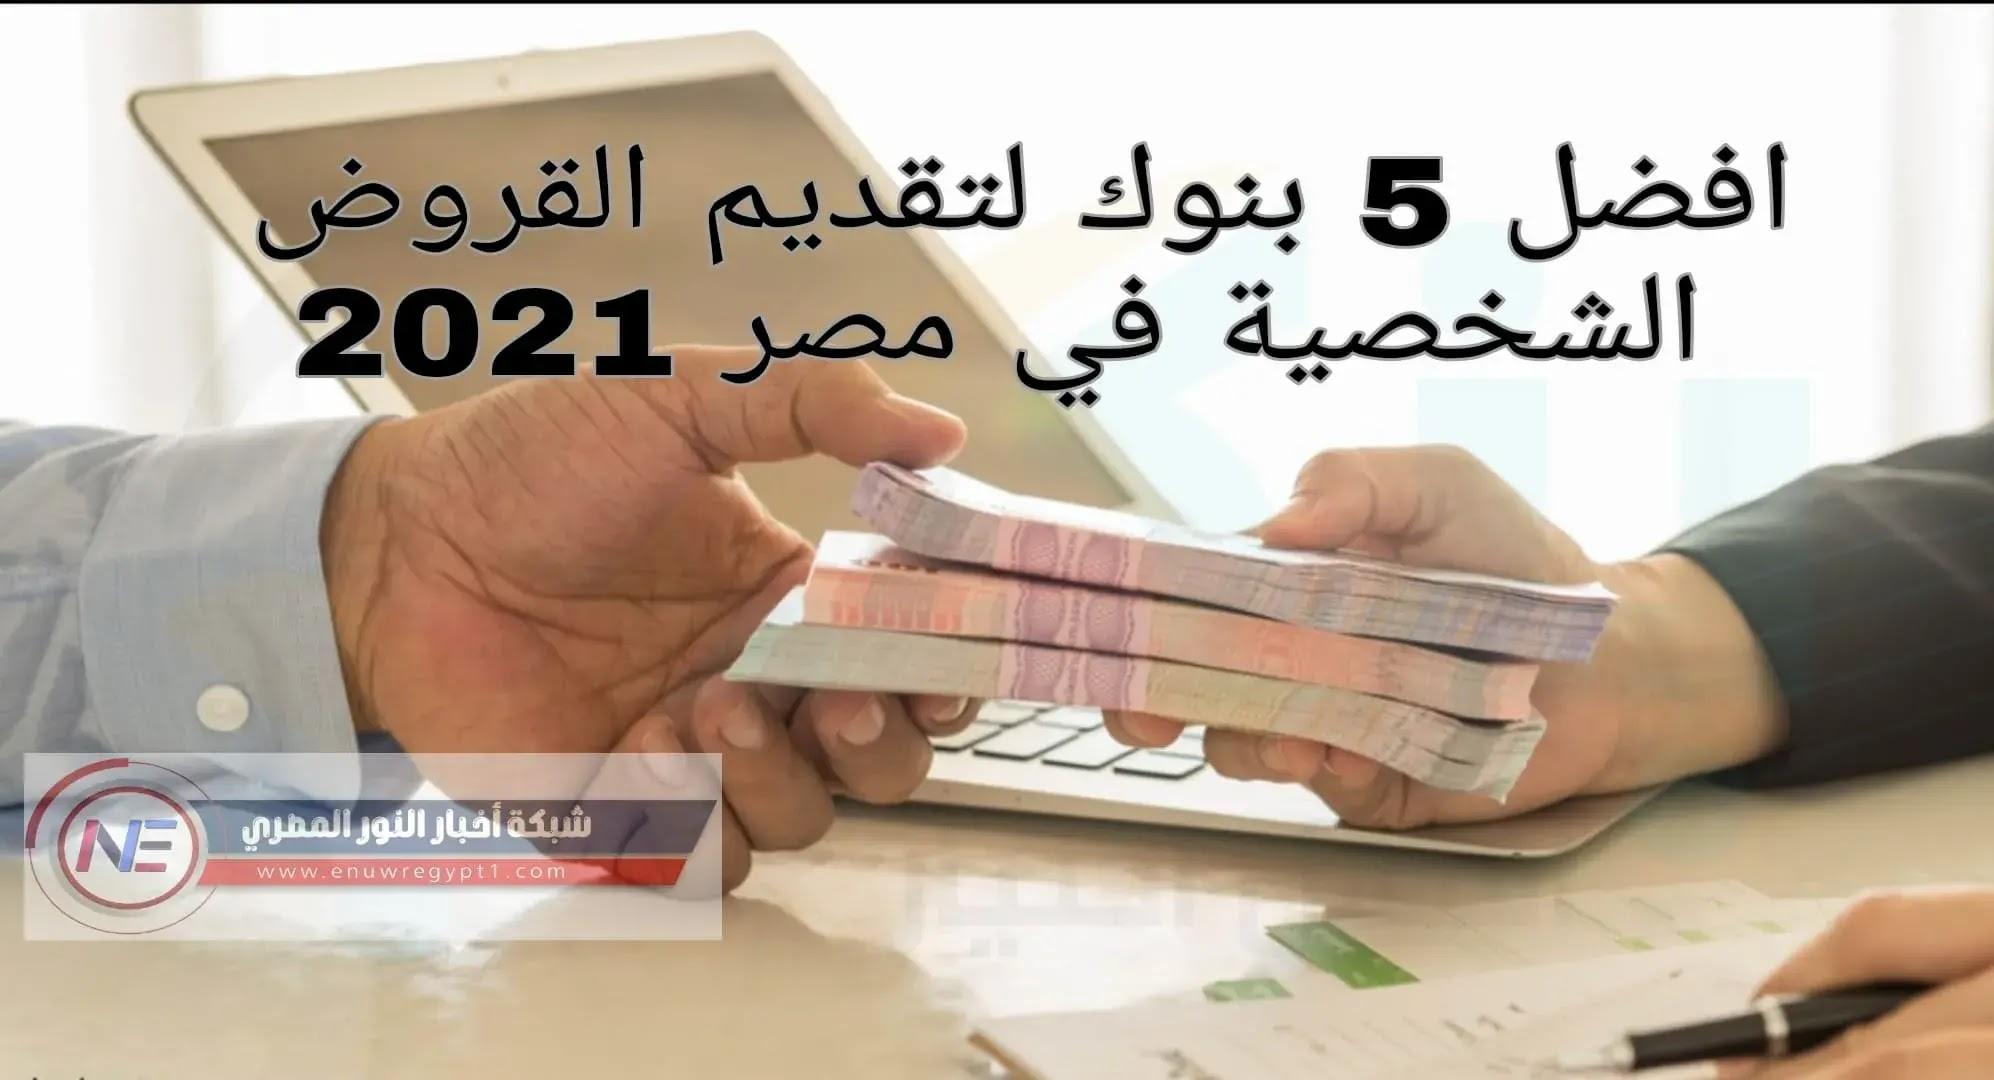 تحديث | افضل 5 بنوك لتقديم القروض الشخصية في مصر 2021 | اقل فائدة علي القرض الشخصي في بنوك مصر| ما هي تسهيلات البنوك للقروض الشخصية